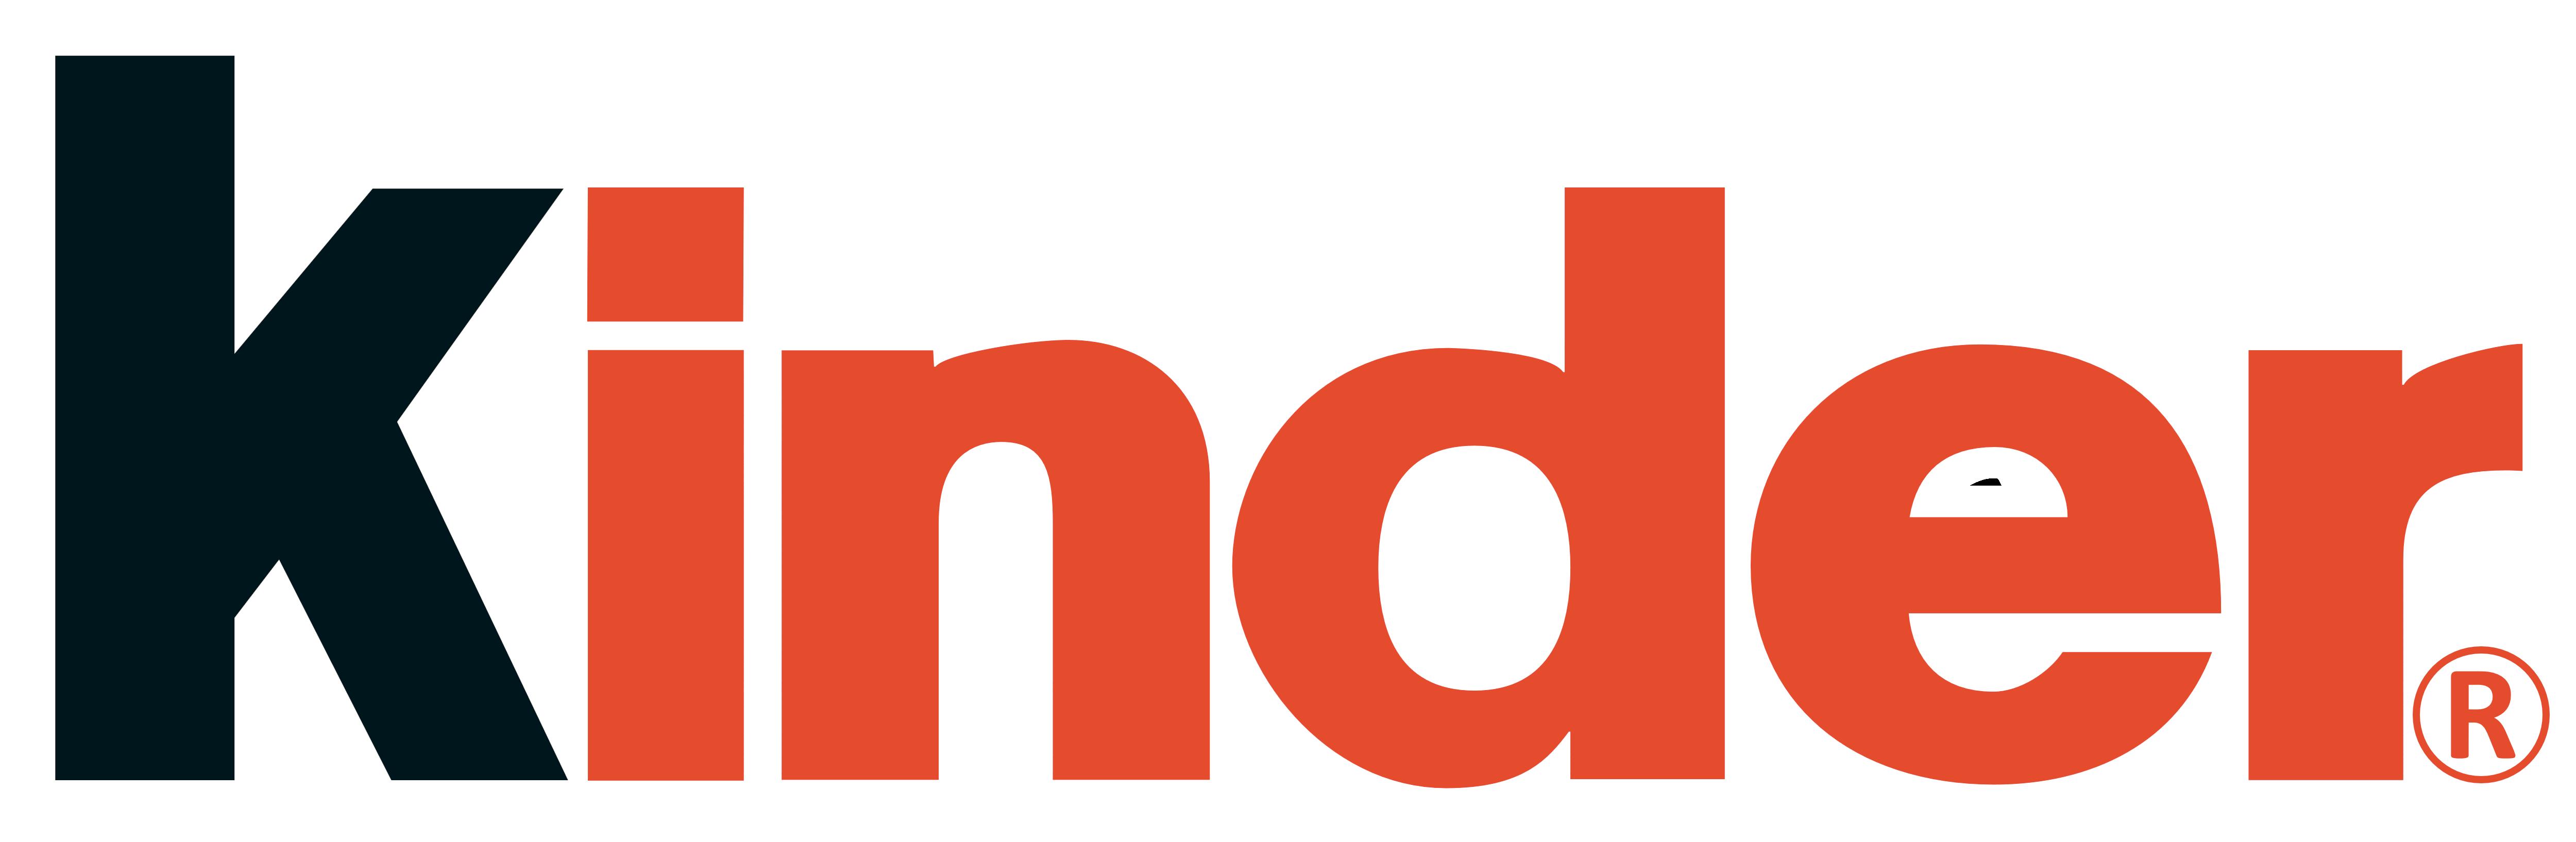 Kinder Logo PNG